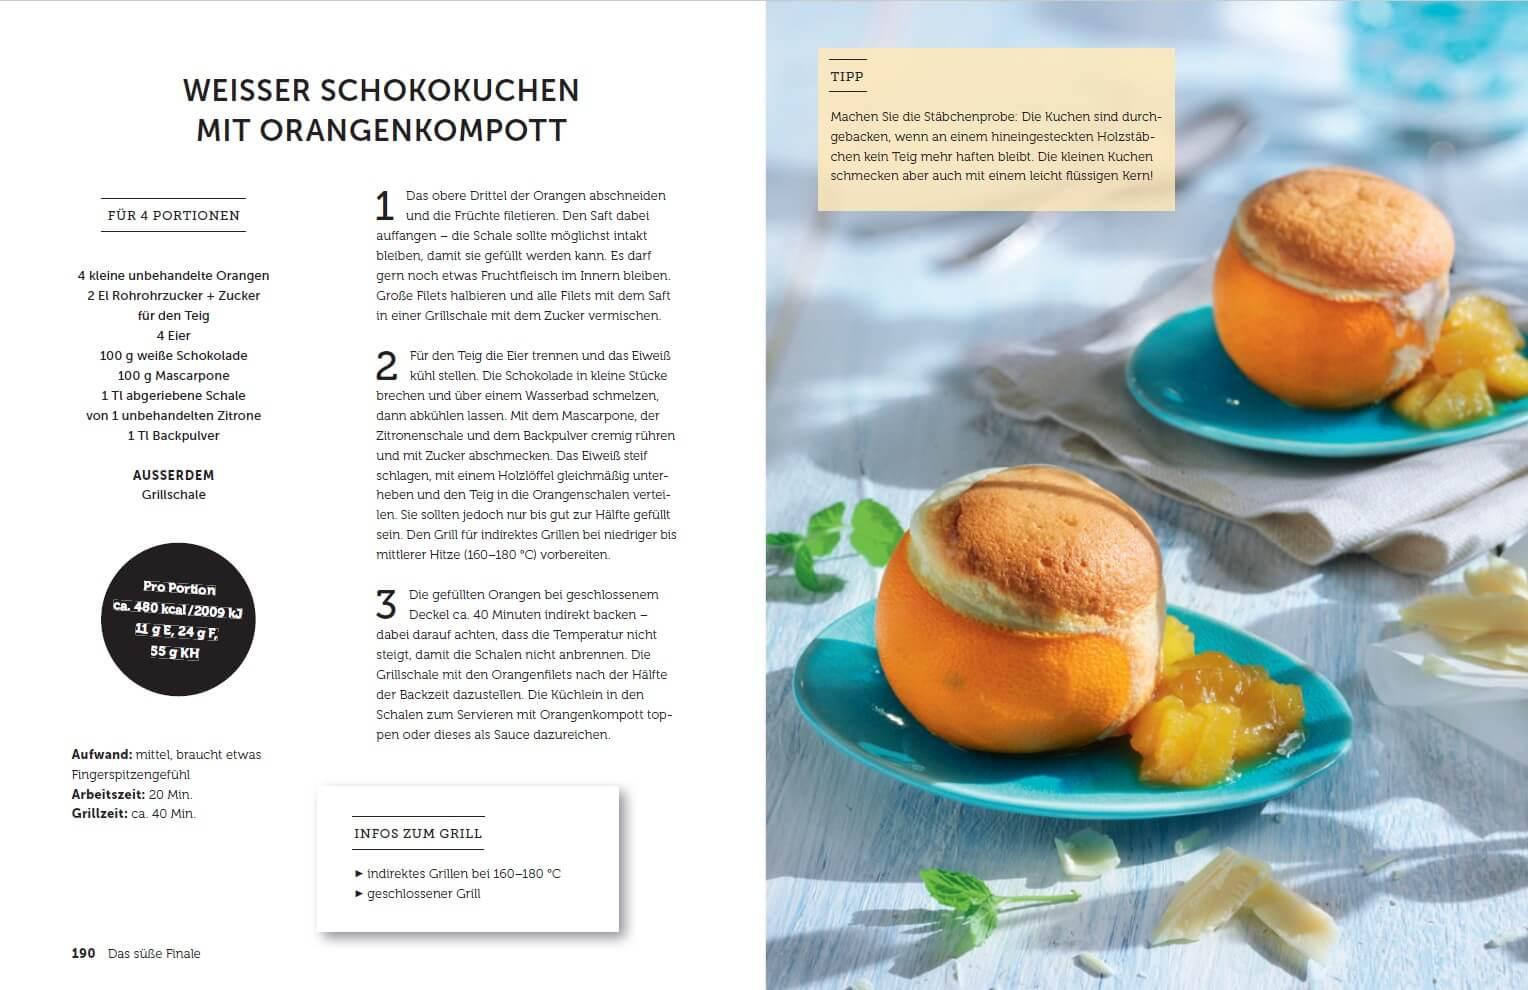 BBQPit-Grillbuch das ultimative grillbuch-Das ultimative Grillbuch BBQPit 02-Das ultimative Grillbuch mit BBQPit